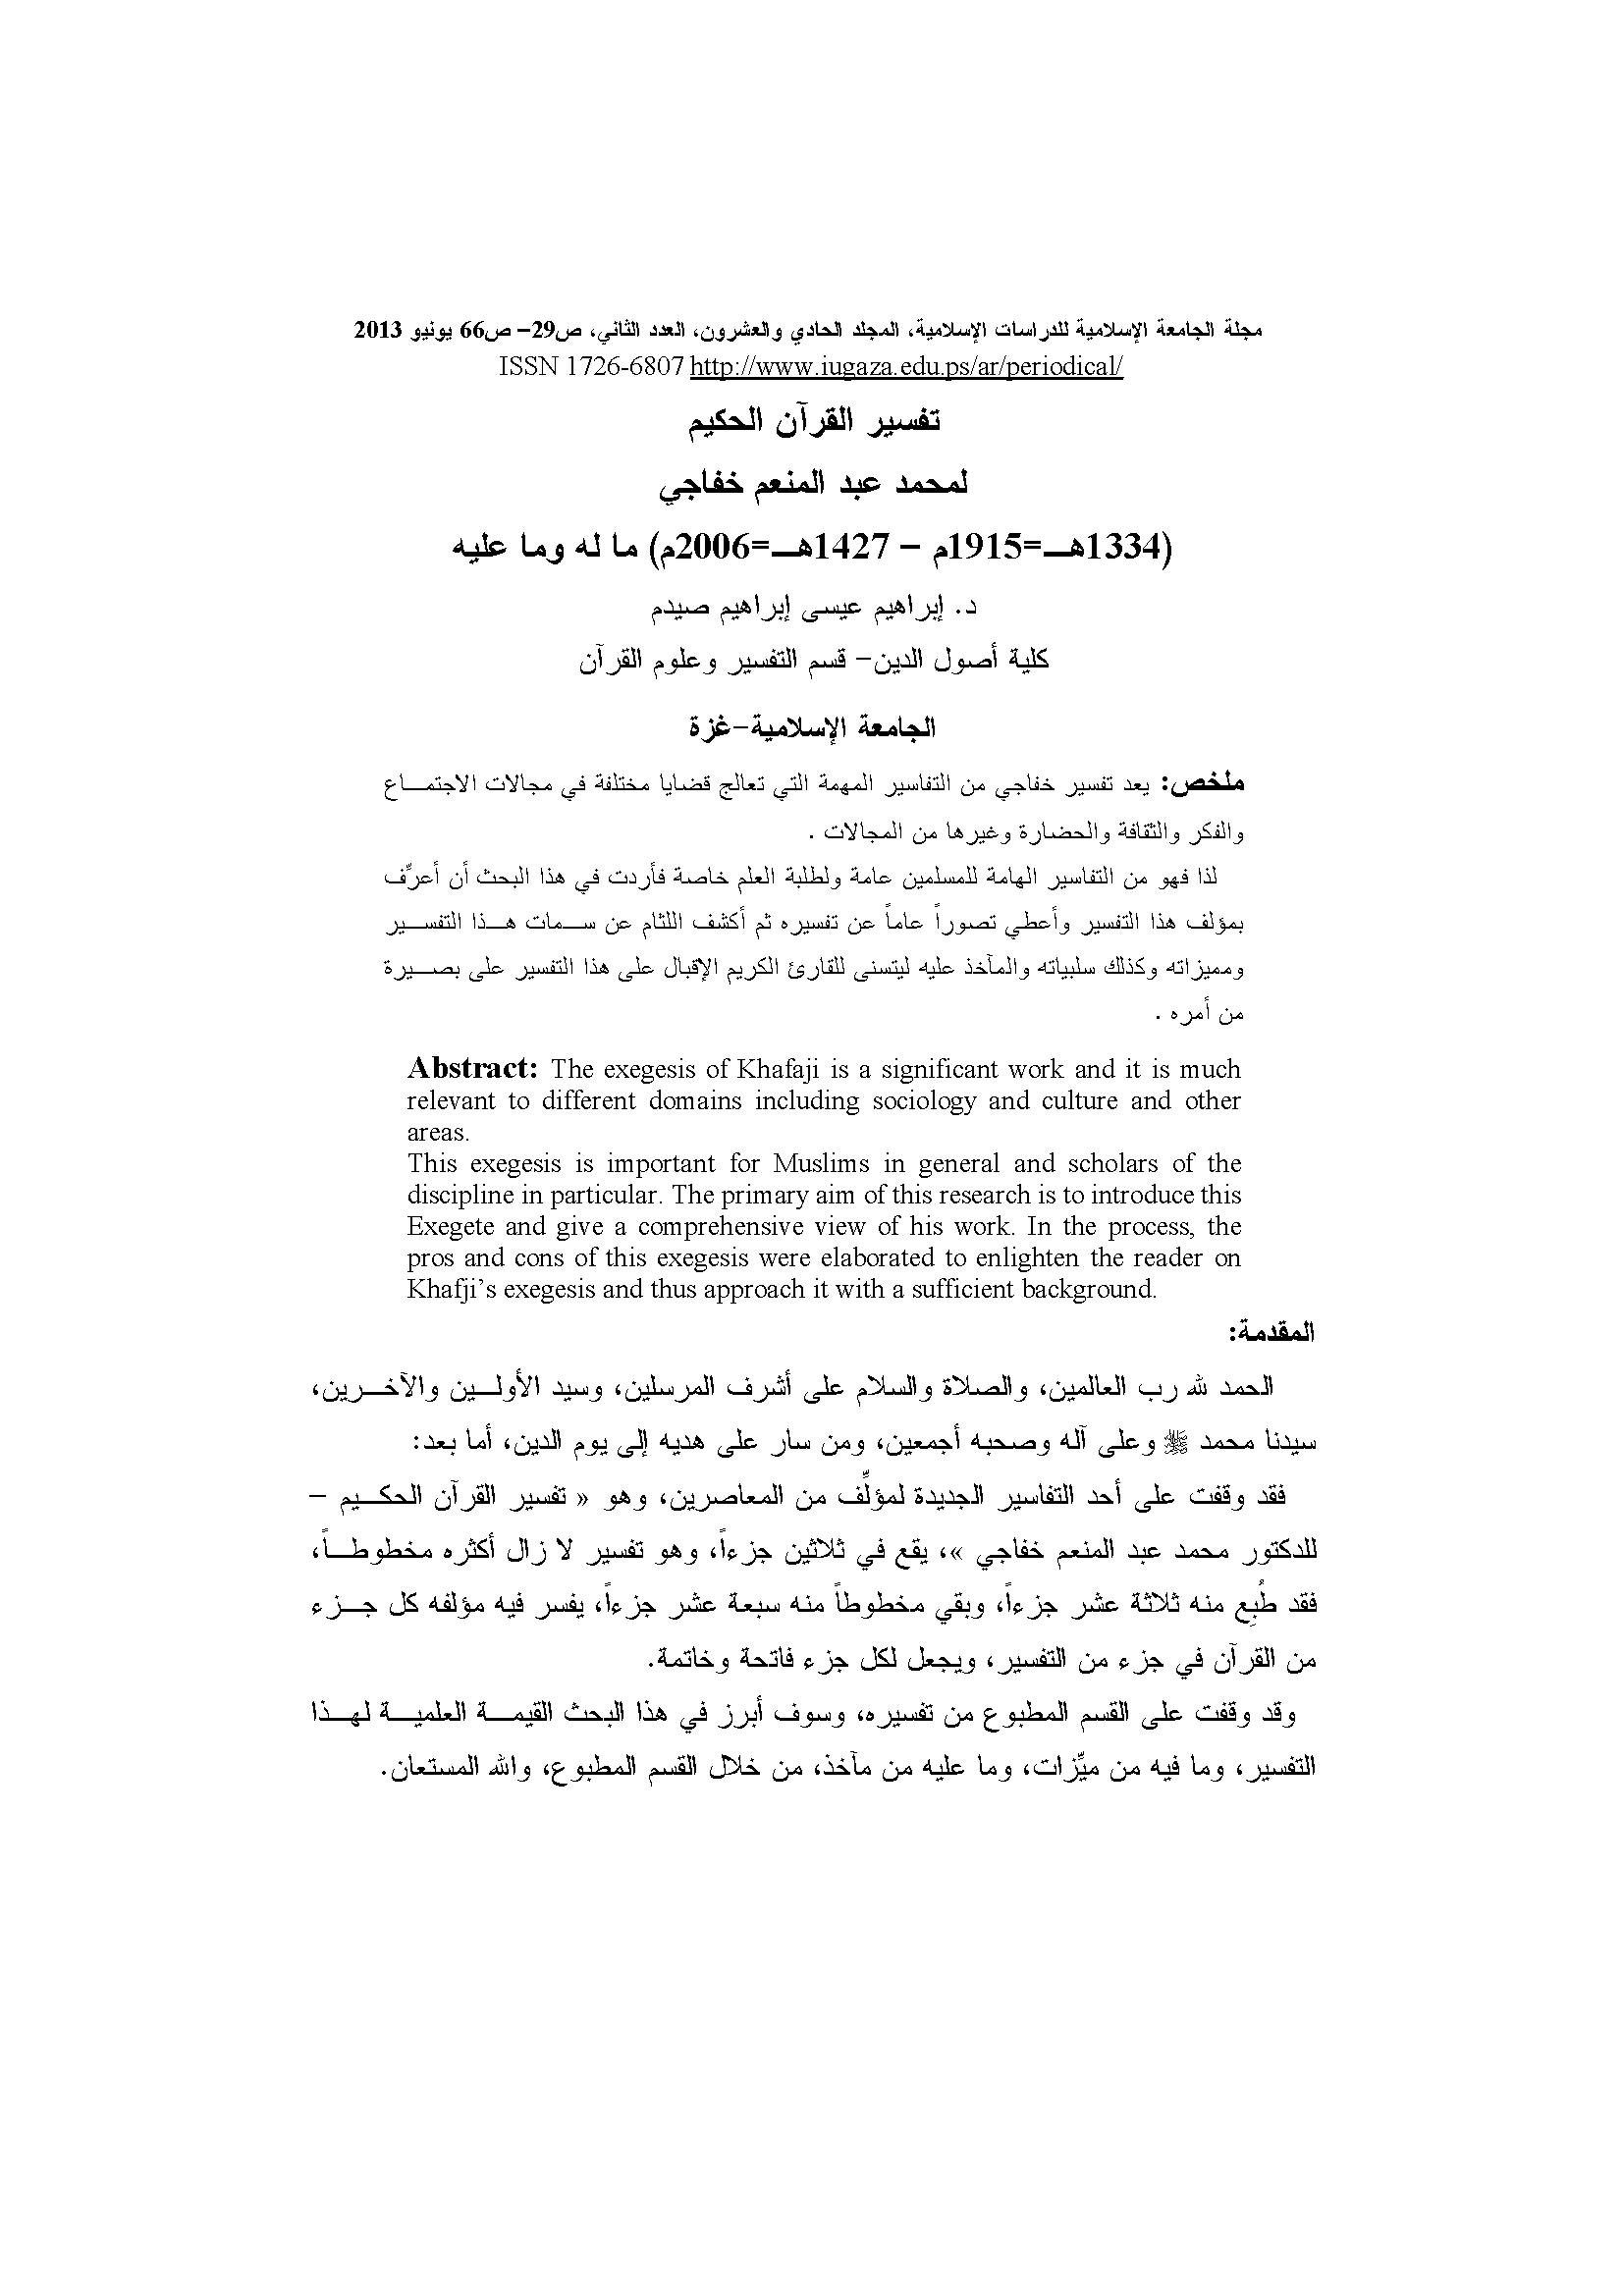 تحميل كتاب تفسير القرآن الكريم لمحمد عبد المنعم خفاجي (ت 1427) ما له وما عليه لـِ: الدكتور إبراهيم عيسى إبراهيم صيدم